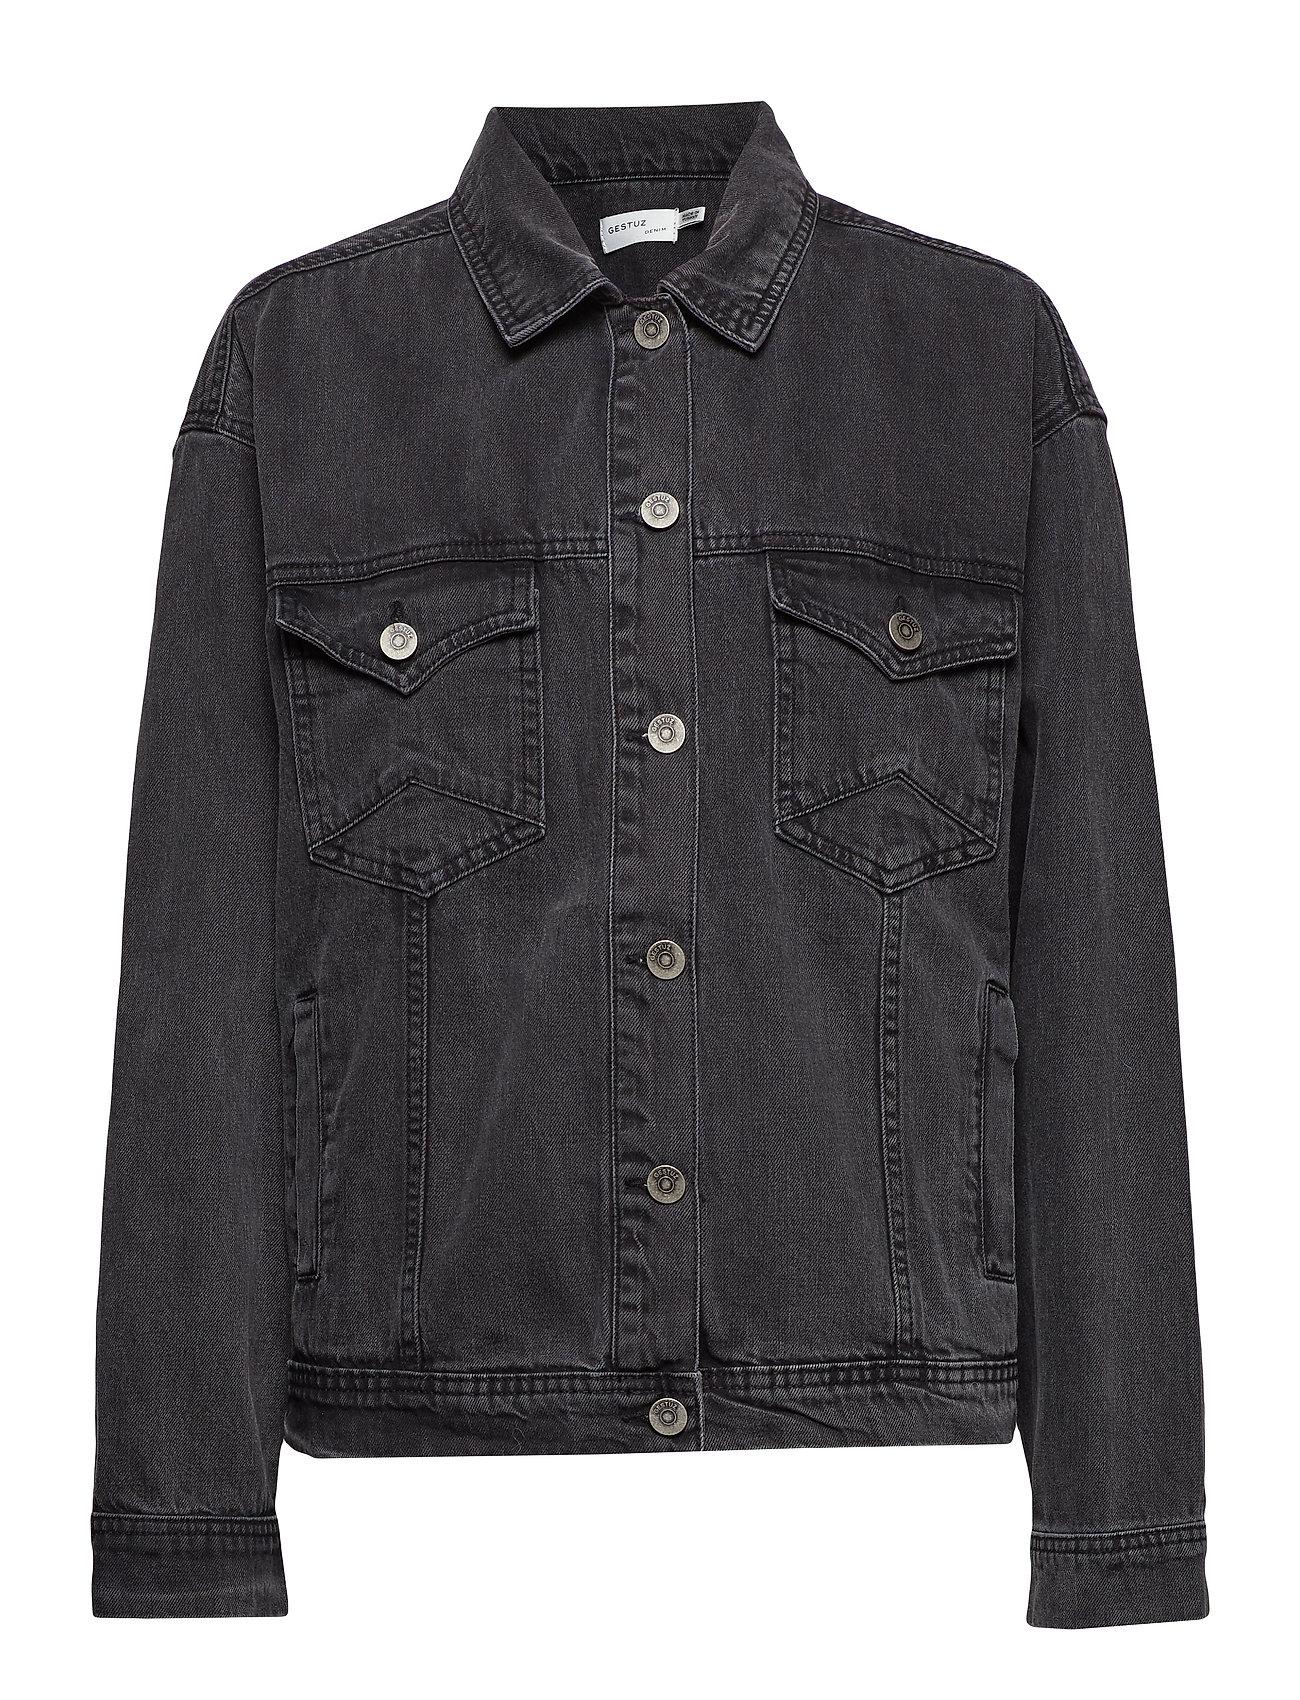 Gestuz Nola jacket MS19 - WASHED BLACK